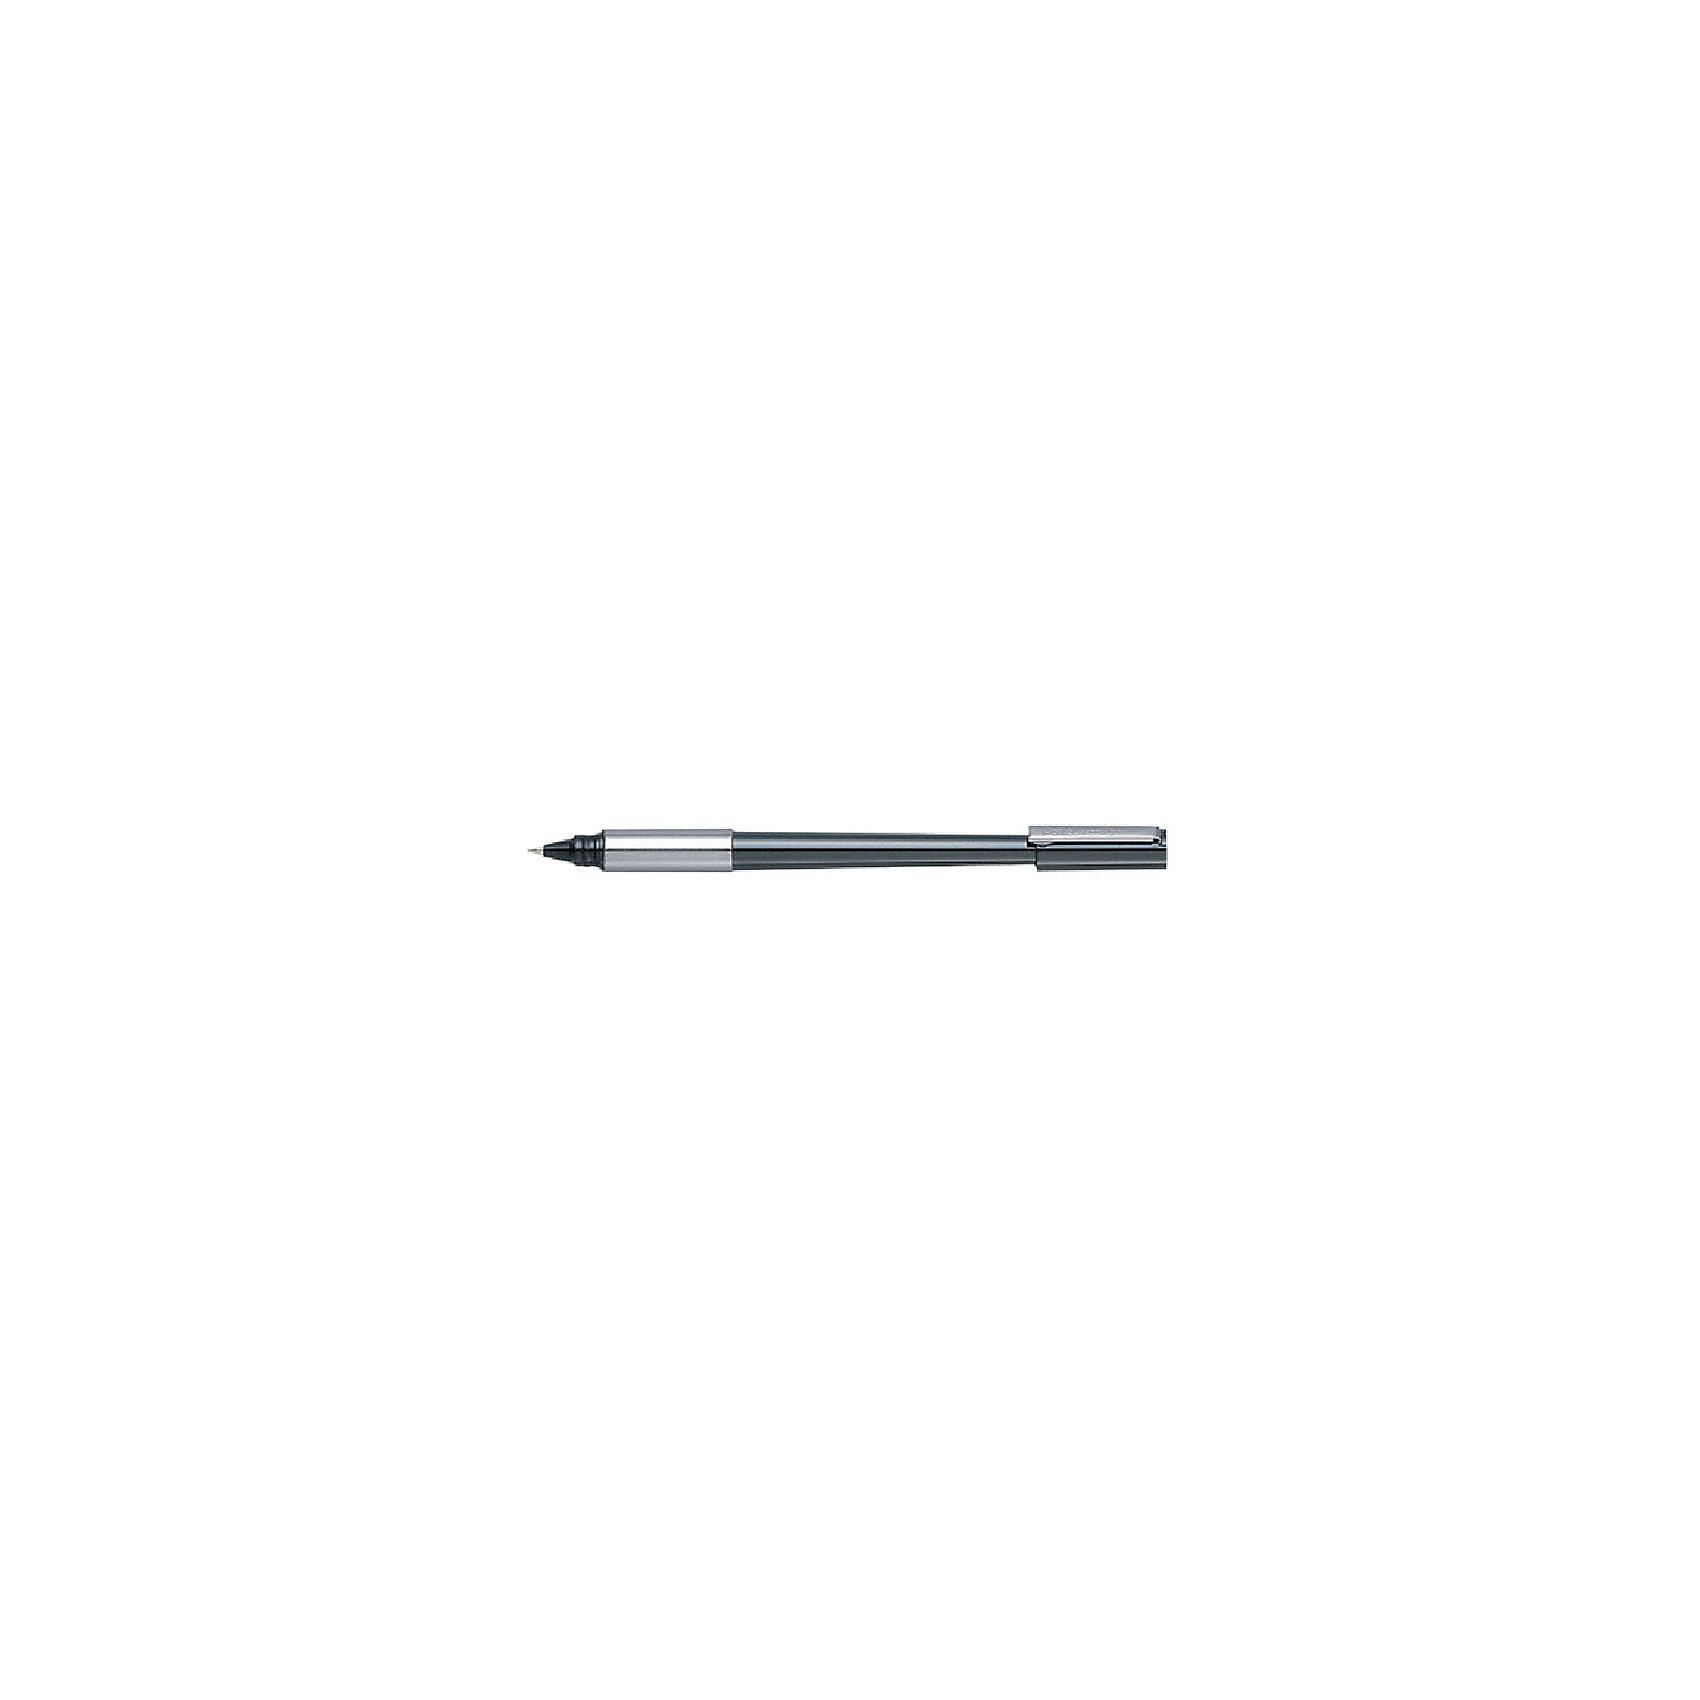 Ручка шариковая 0,8 мм LINE STYLE, черная PentelПисьменные принадлежности<br>Характеристики:<br><br>• возраст: от 6 лет<br>• толщина линии: 0,3 мм.<br>• диаметр шарика: 0,8 мм.<br>• цвет чернил: черный<br>• чернила на масляной основе<br>• материал корпуса: поликарбонат<br><br>Шариковая ручка «Line Style» - это оригинальный и стильный аксессуар для письма. Отличительной особенностью является функциональность и современный дизайн, который был разработан во Франции.<br><br>Ручка предназначена для повседневной работы в офисе. Благодаря идеально сбалансированному центру тяжести вы сможете легко и уверенно держать ручку в руке. <br><br>Чернила на масляной основе с пониженной вязкостью обеспечивают исключительную плавность и однородность письма. Кроме того, они не размазываются и имеют насыщенный и глубокий цвет. Наконечник ручки плавно скользит по бумаге, оставляя чистые, ровные и яркие линии.<br><br>Корпус ручки выполнен из прочного поликарбоната и имеет яркую расцветку. Он дополнен металлической зоной захвата. Колпачок плотно закрывается и защищает чернила от высыхания. Имеется практичная металлическая клипса - зажим.<br><br>Ручку шариковую 0,8 мм LINE STYLE, черную Pentel (Пентел) можно купить в нашем интернет-магазине.<br><br>Ширина мм: 9999<br>Глубина мм: 9999<br>Высота мм: 150<br>Вес г: 12<br>Возраст от месяцев: 120<br>Возраст до месяцев: 2147483647<br>Пол: Унисекс<br>Возраст: Детский<br>SKU: 7010421